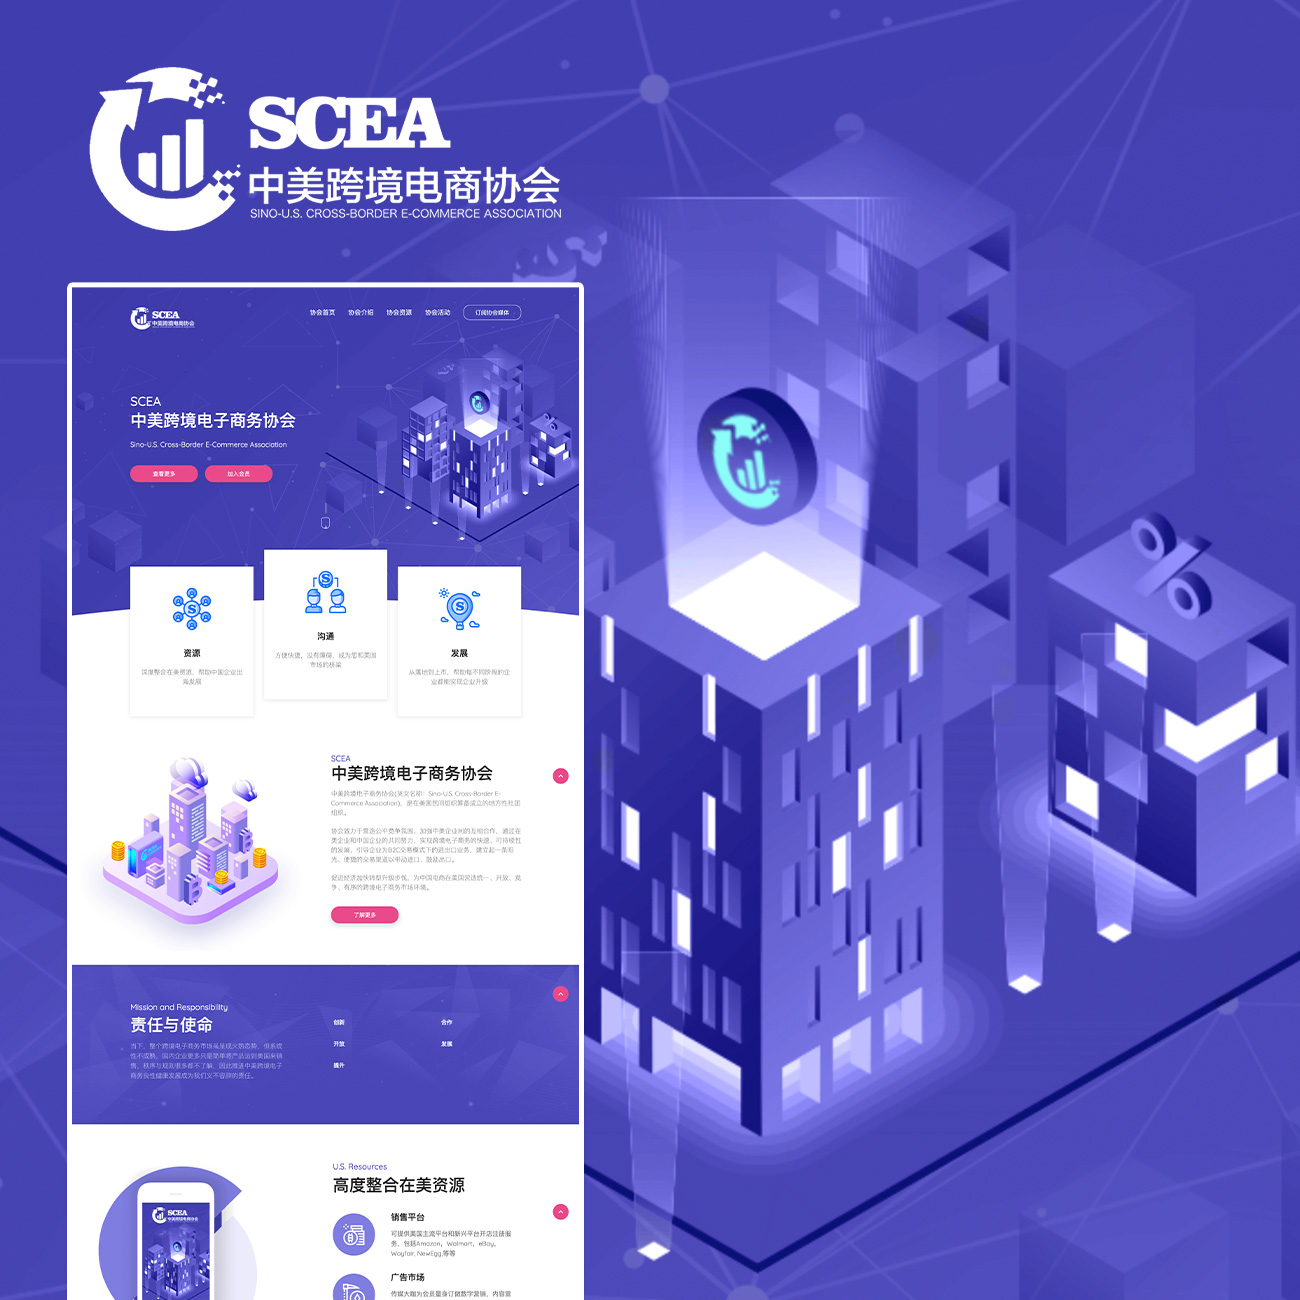 中美跨境电子商务协会Logo设计和网站开发